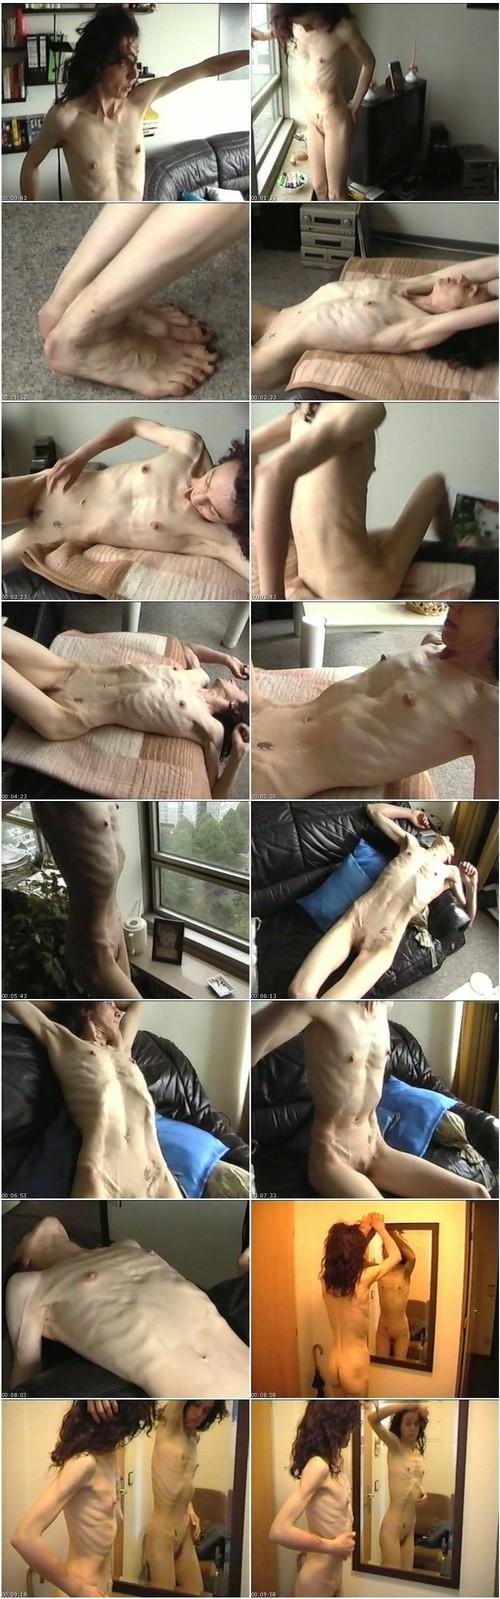 https://ist5-1.filesor.com/pimpandhost.com/9/6/8/3/96838/6/J/1/m/6J1mU/Anorexia-y039_thumb_m.jpg